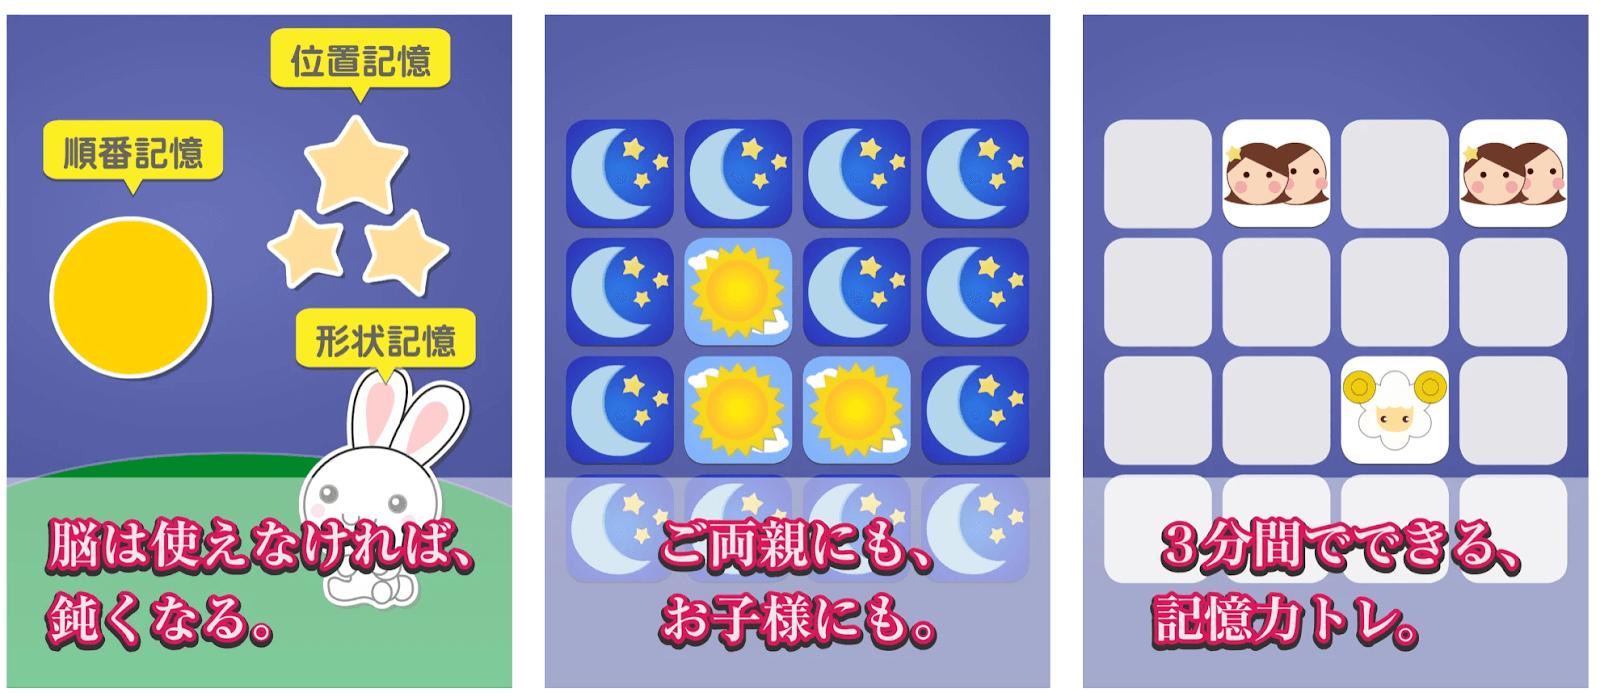 記憶ゲームアプリ 星々記憶